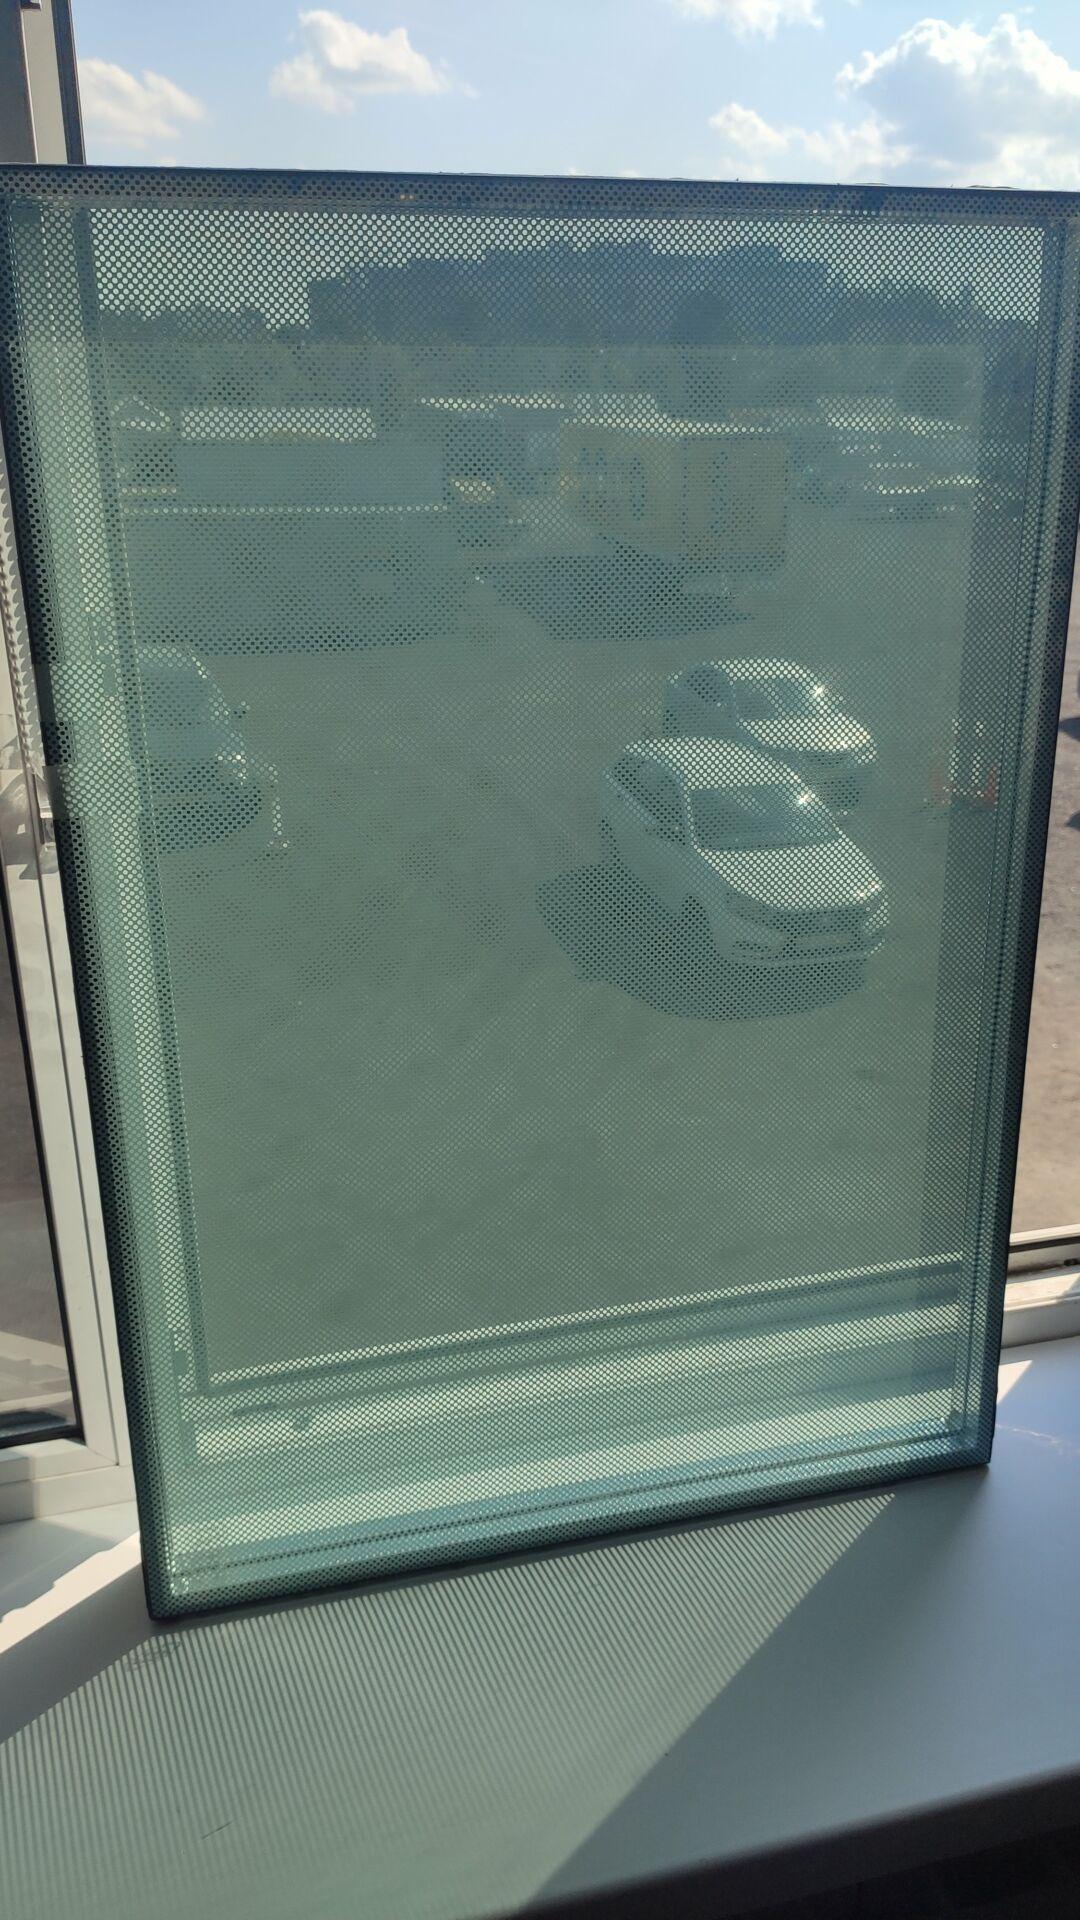 Вид изнутри. Изображение прозрачное